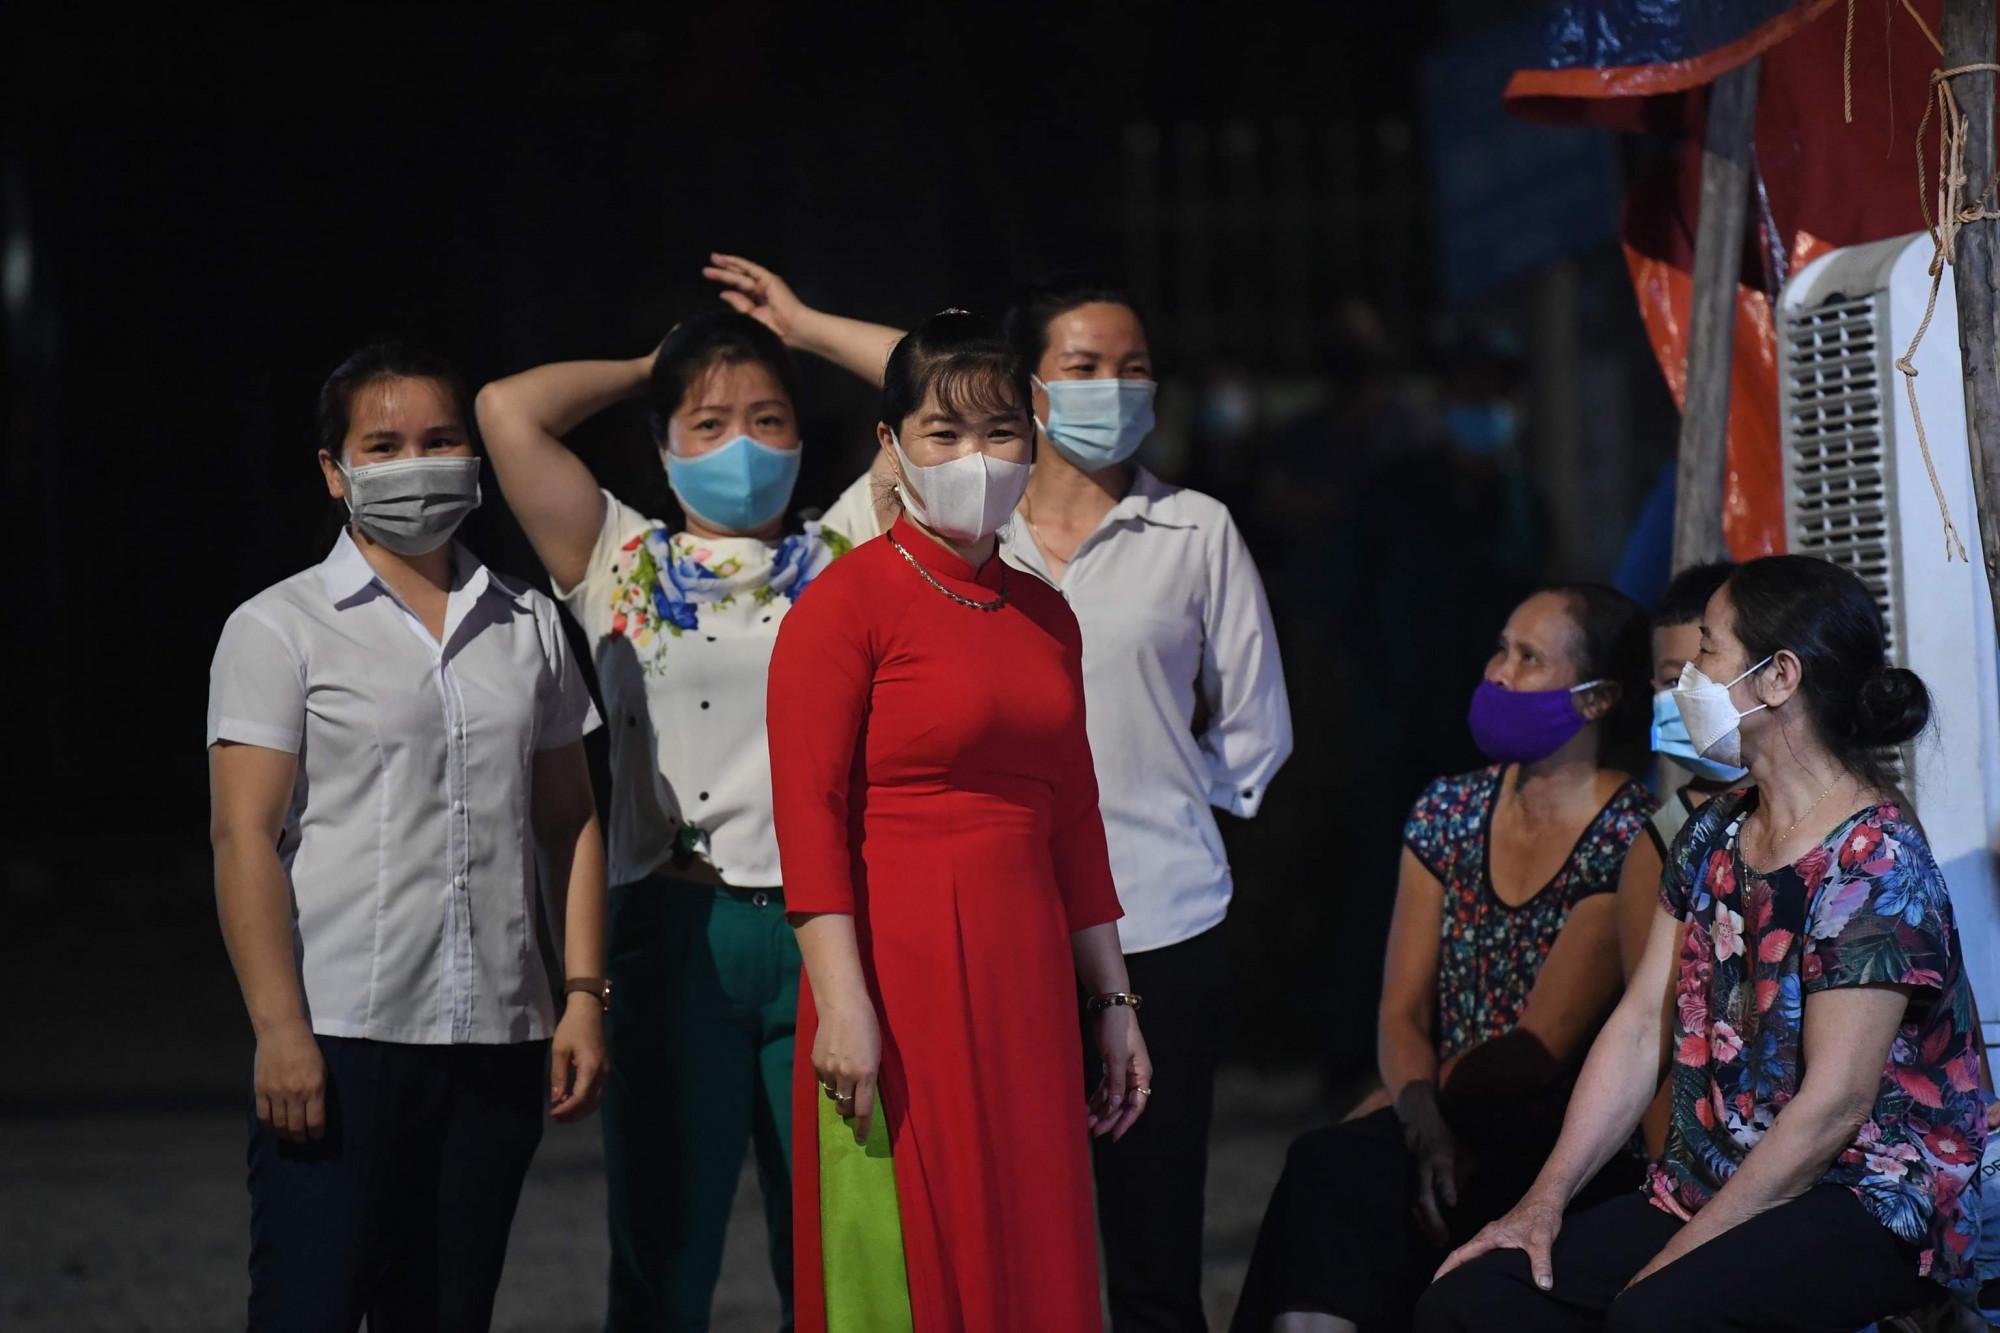 Đây là ổ dịch liên quan đến 2 bệnh nhân làm việc tại Khu Công nghiệp Thăng Long có kết quả dương tính với virus SARS-CoV-2.